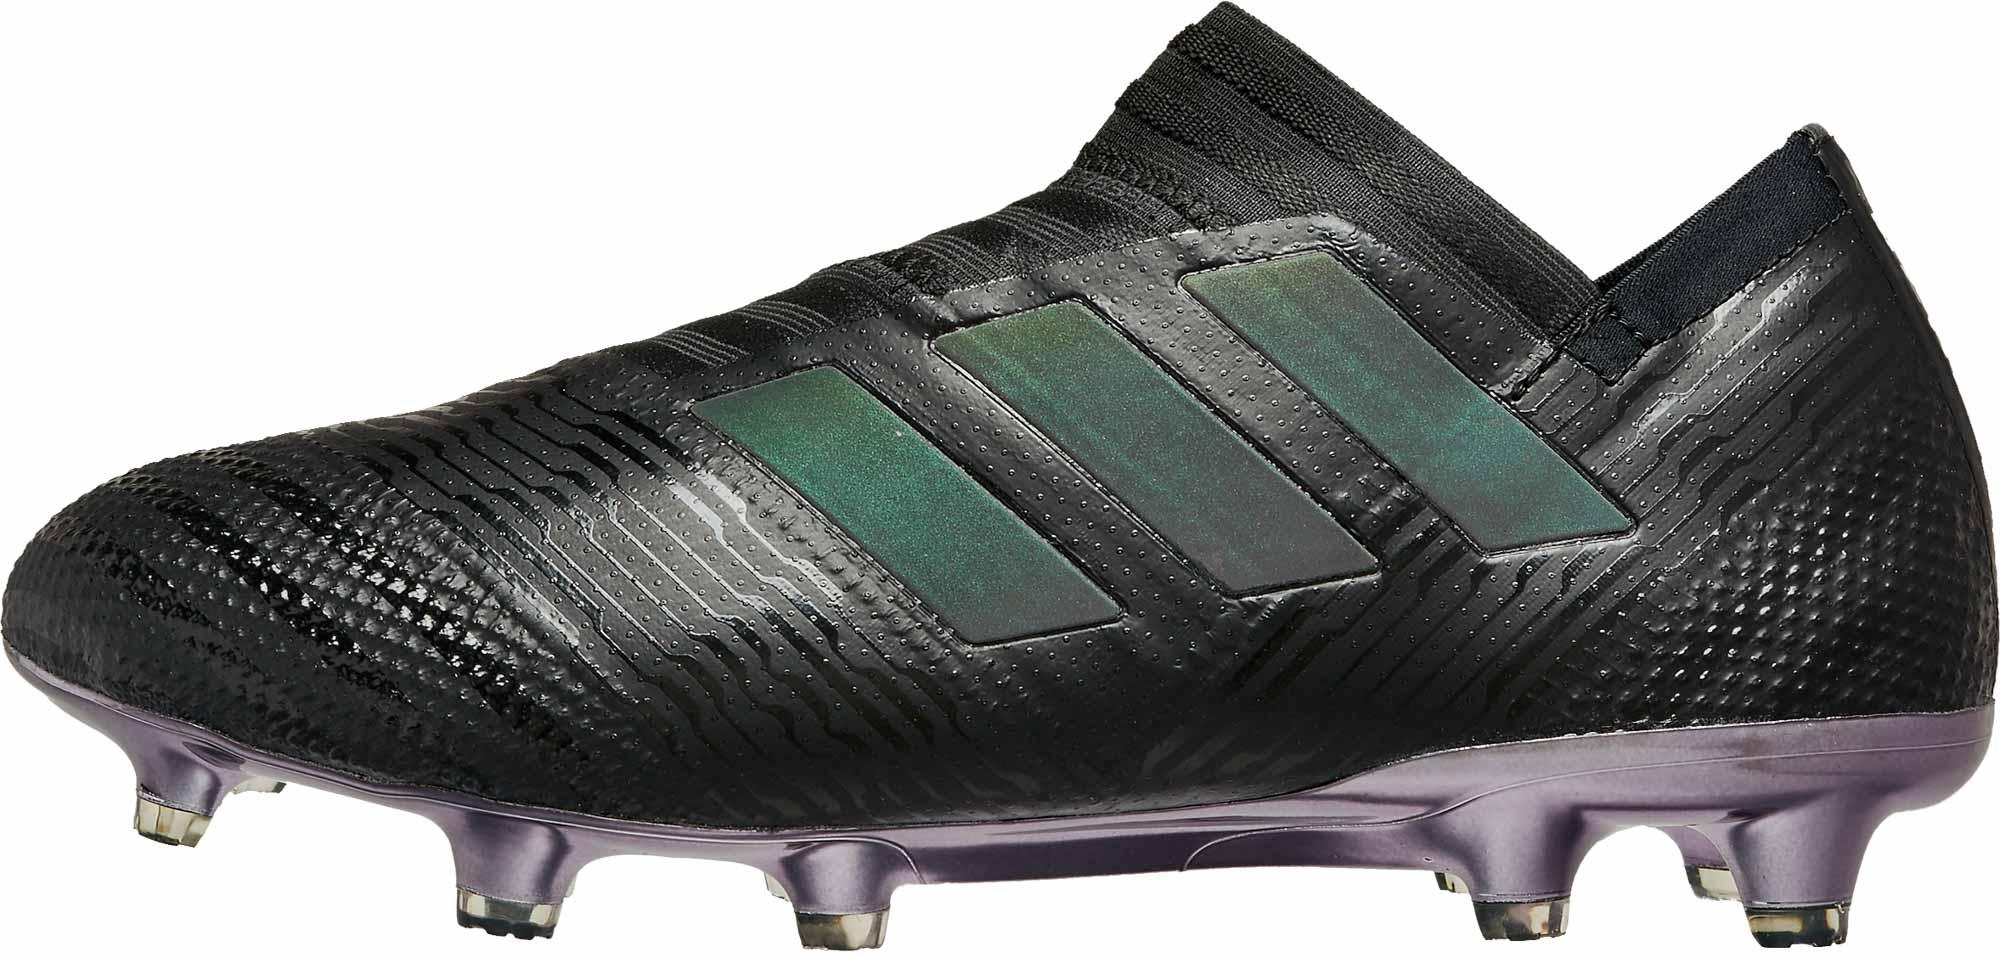 d4e244756 adidas Nemeziz 17 FG - Black Hi-Res Green - SoccerPro